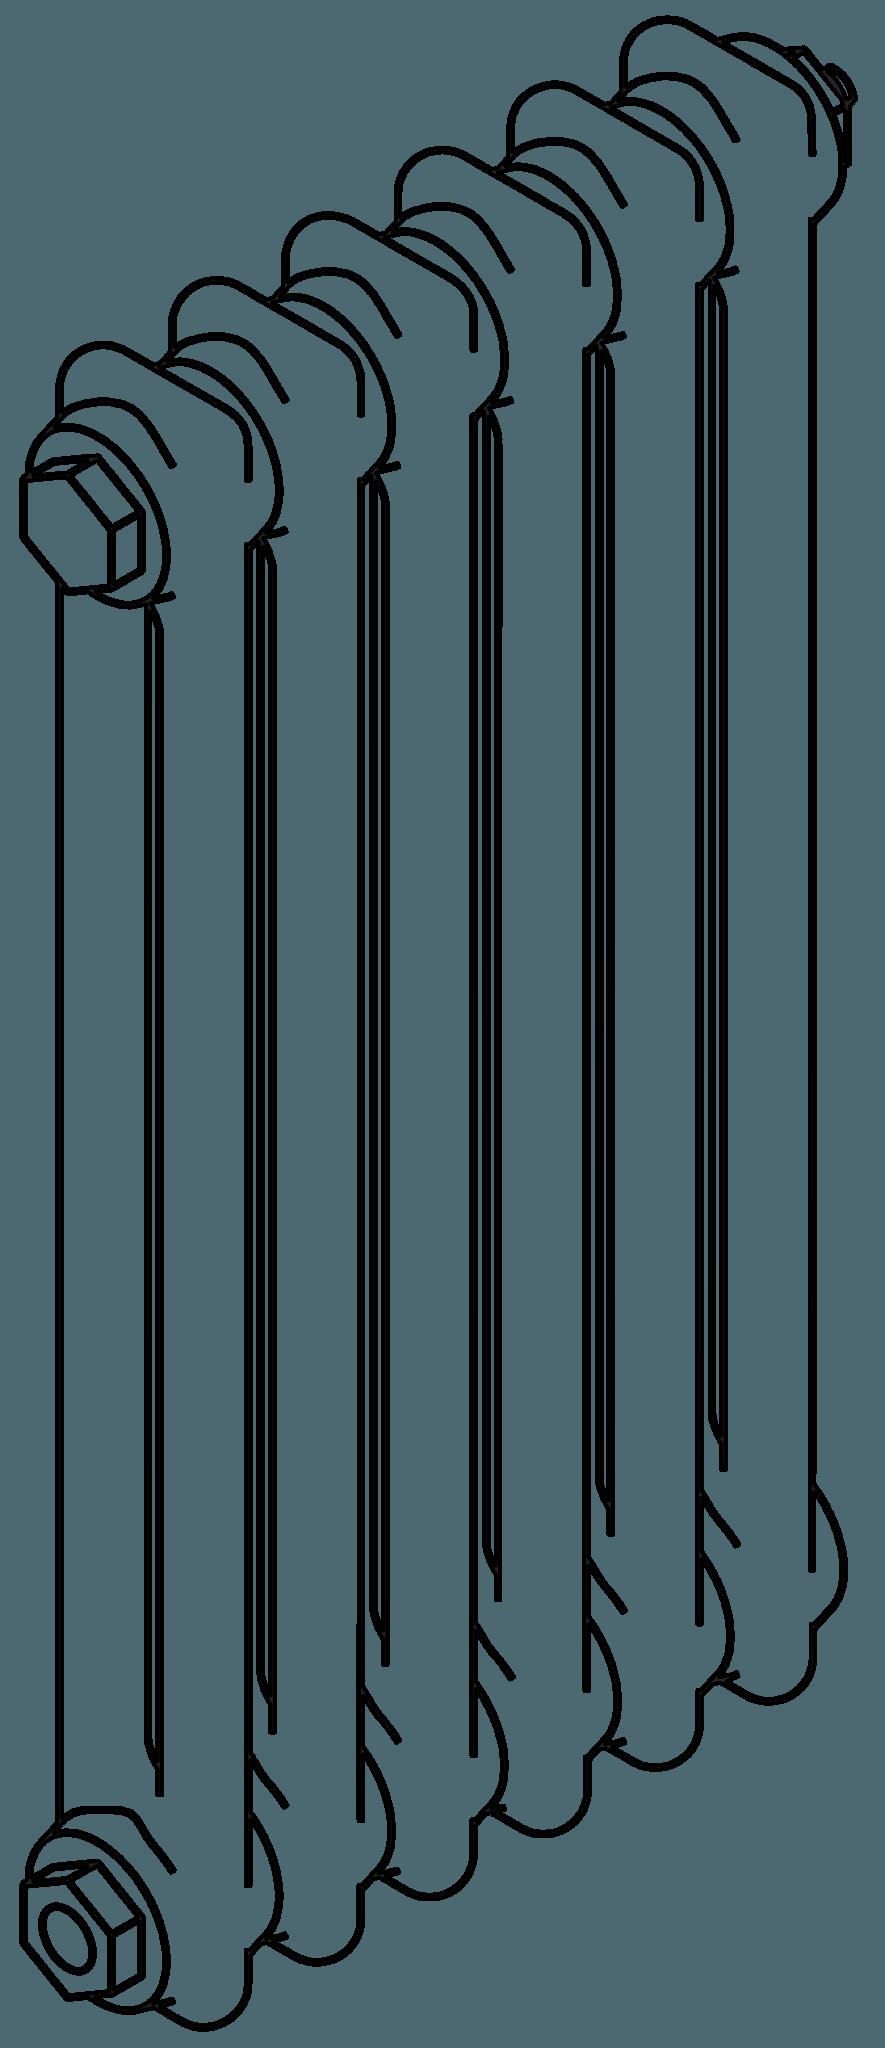 Evora Isometric